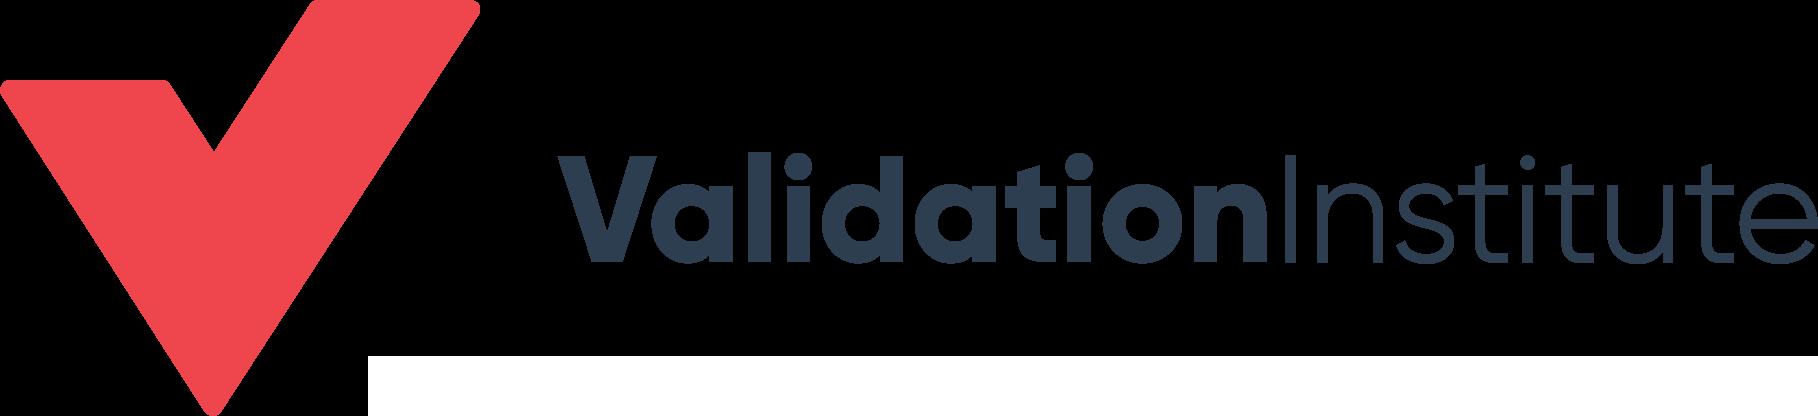 Validation Institute